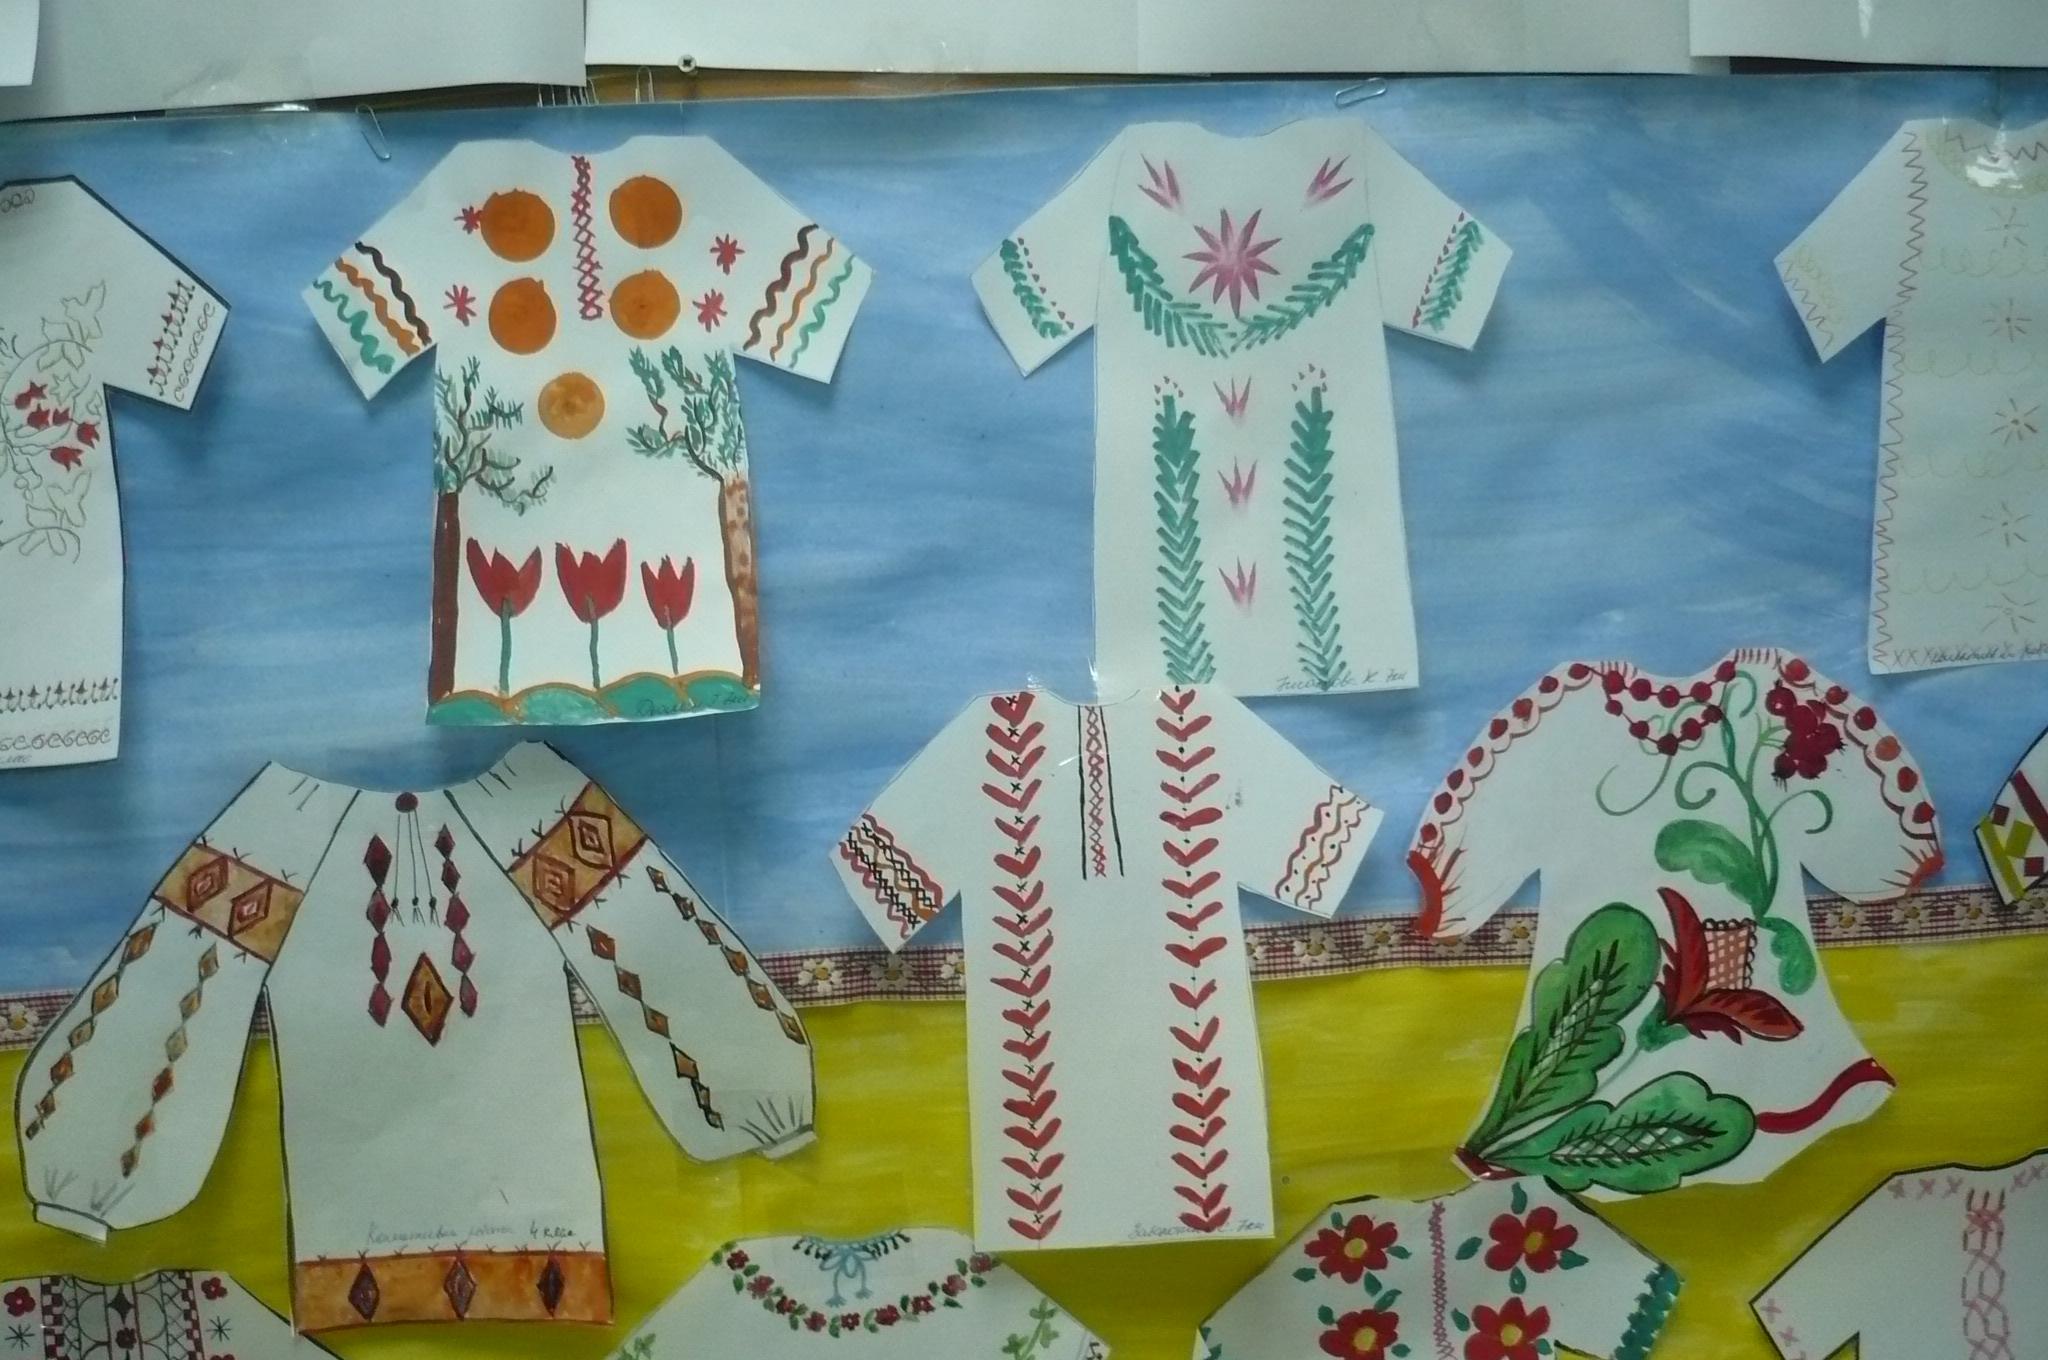 8515408523c66b ... Світайло І.Б. створили виставку дитячих робіт «Українська вишиванка»,  на якій учні представили макети вишиванок різних регіонів України.